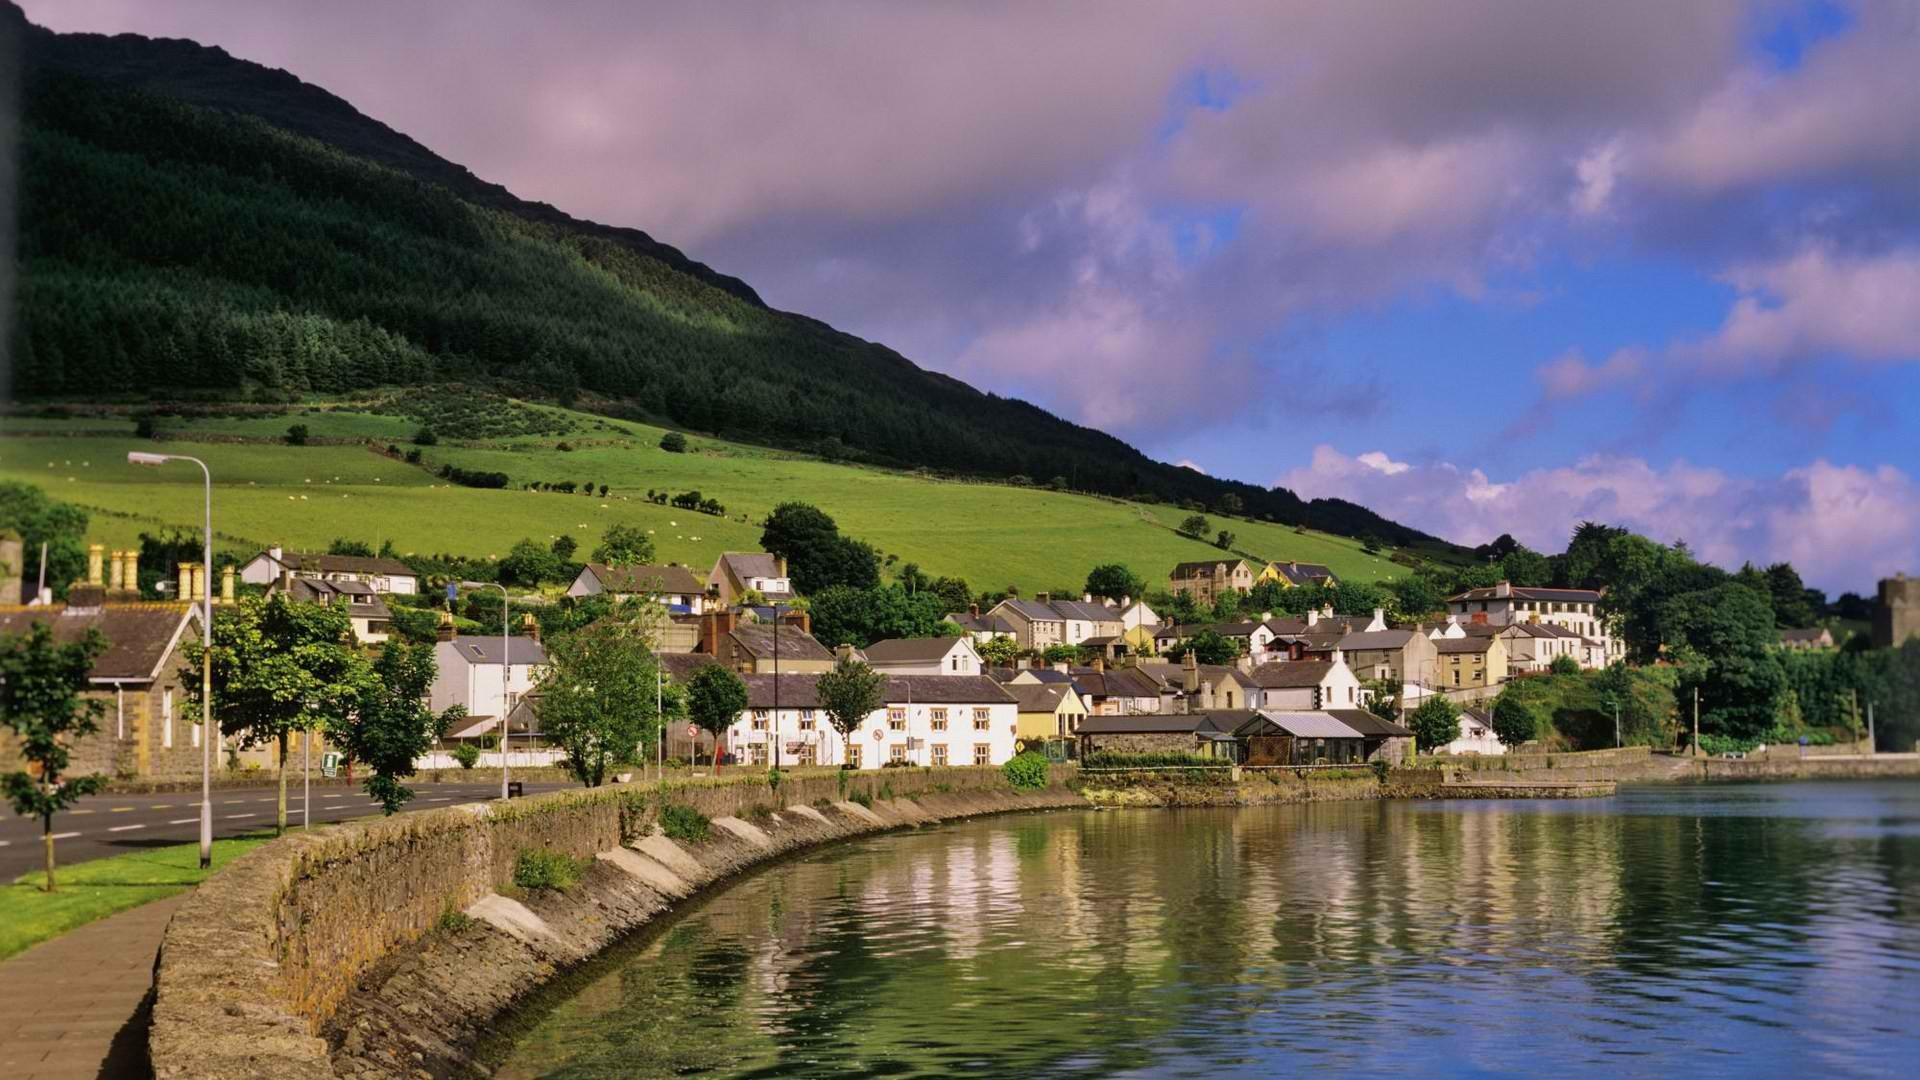 Cảnh quan tuyệt đẹp của vùng quê Ireland.